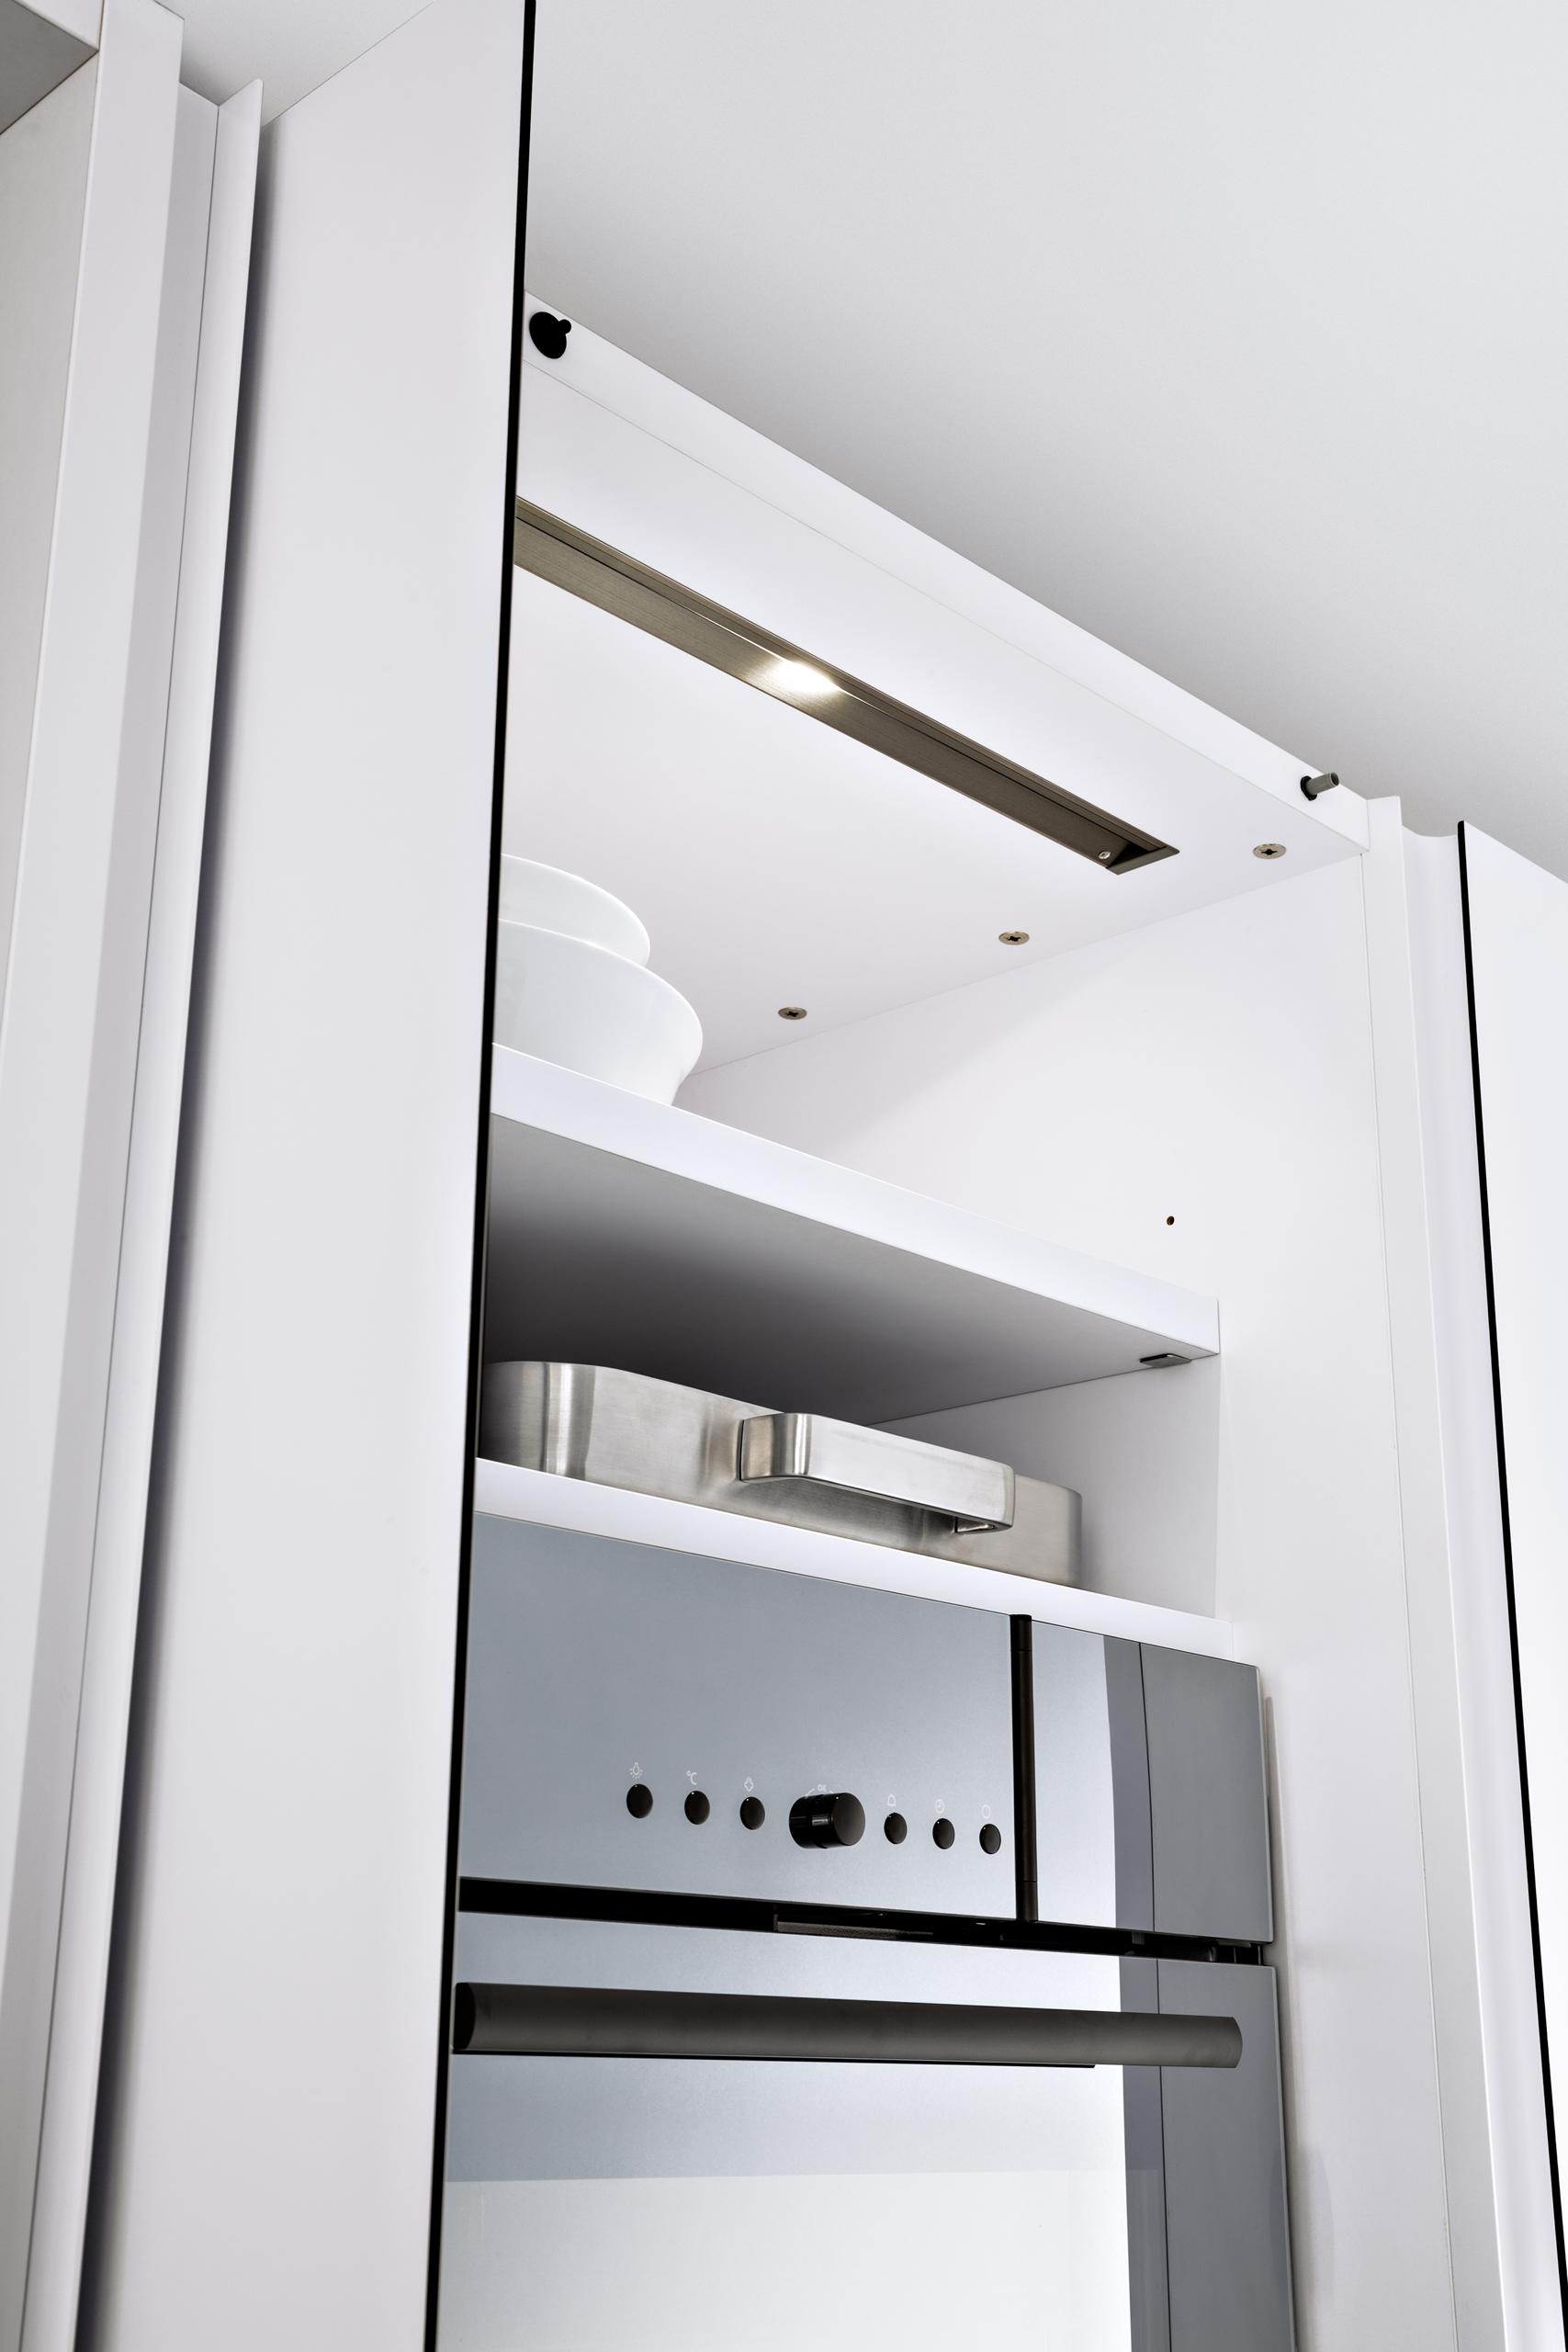 590 233 213 D06 100 136 Ncs Kitchen Cabinets Leicht New York